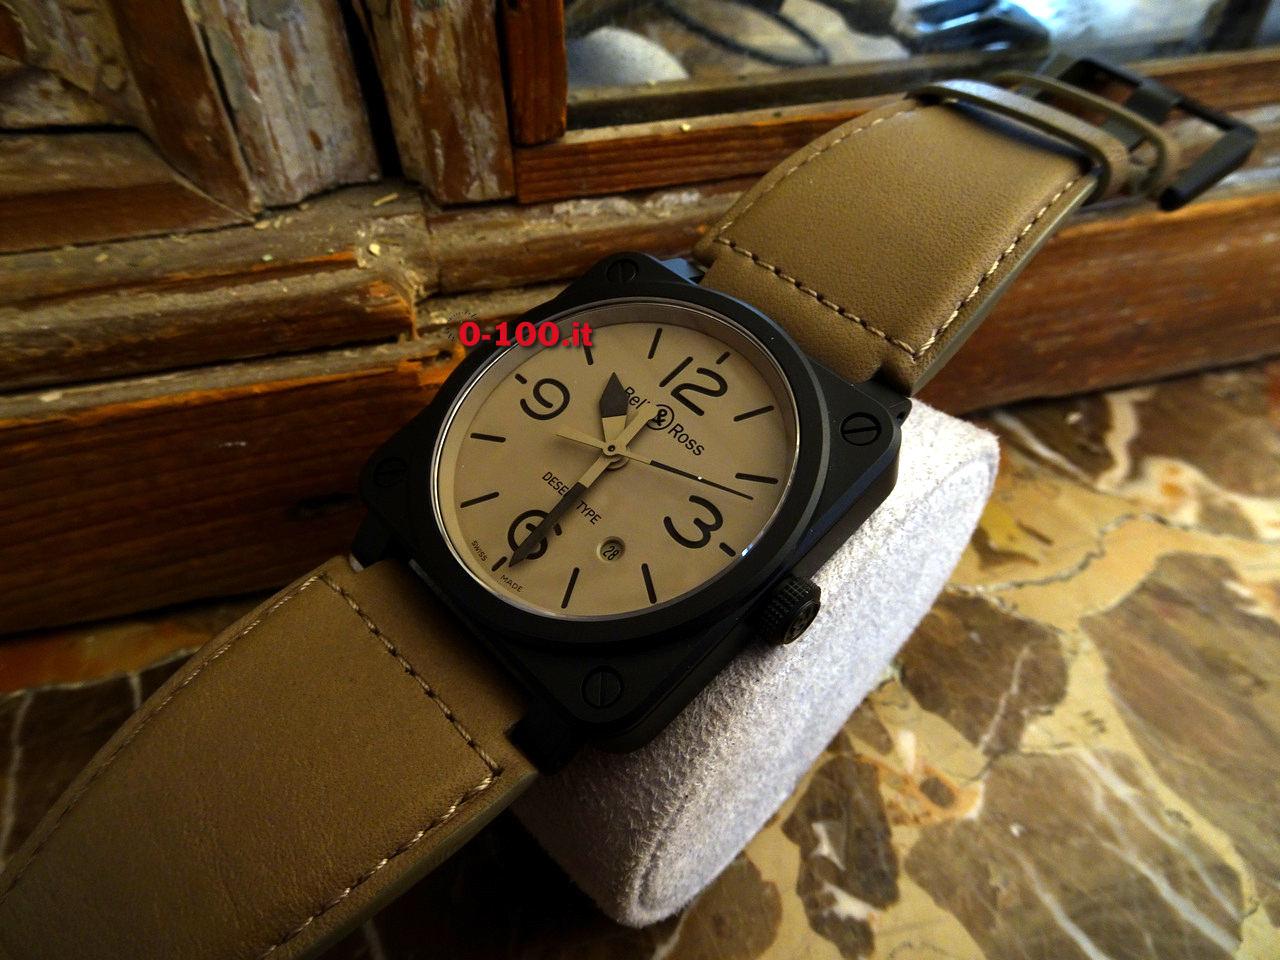 bell-ross-BR03-Desert-Type-prezzo-price-0-100_28